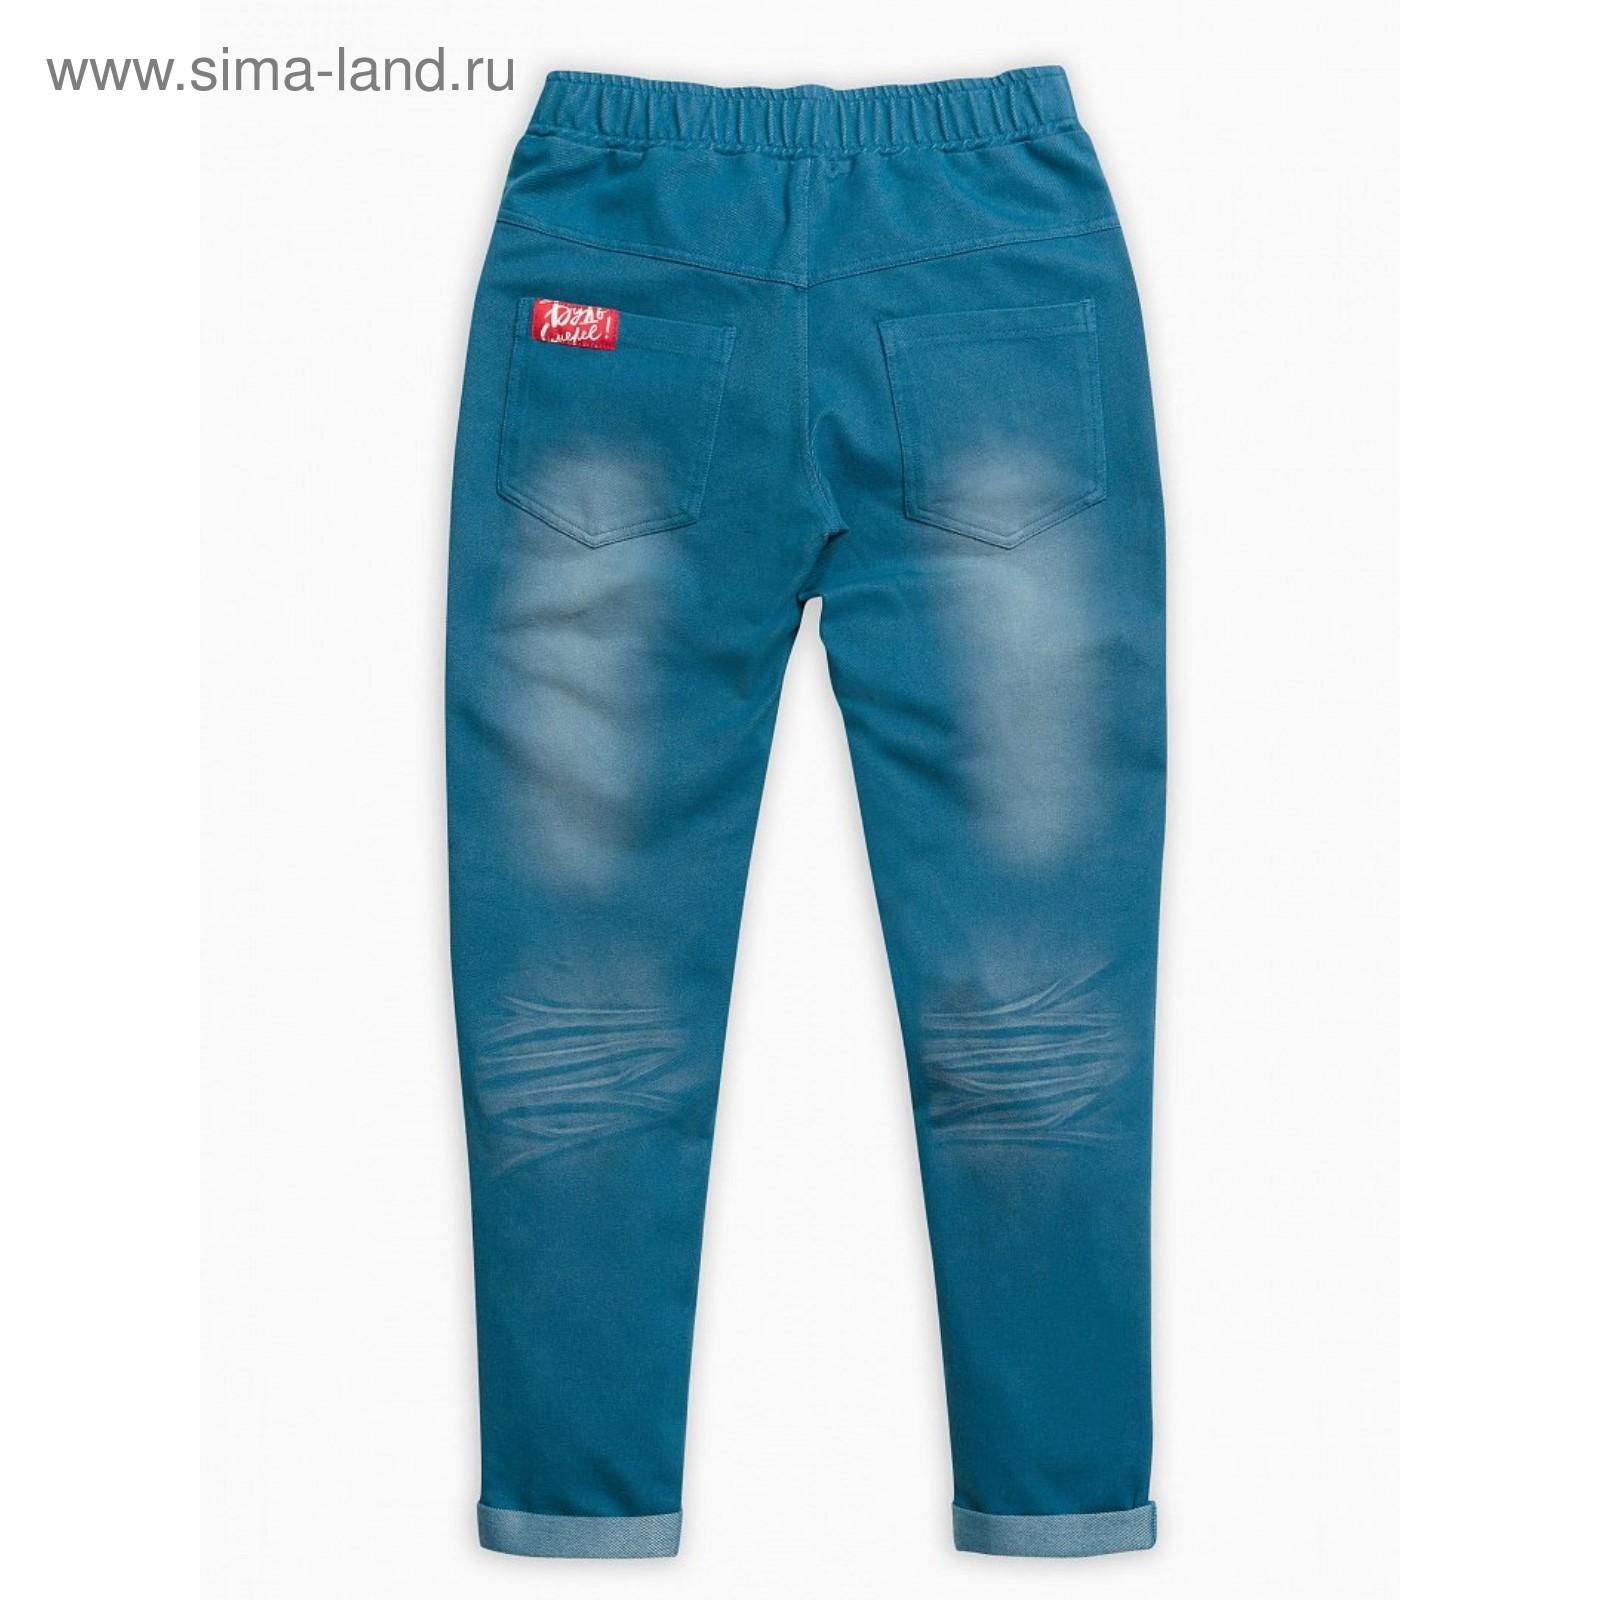 5478ea1623c7 Брюки для мальчика, рост 122 см, цвет синий (BFP4113/1) - Купить по ...